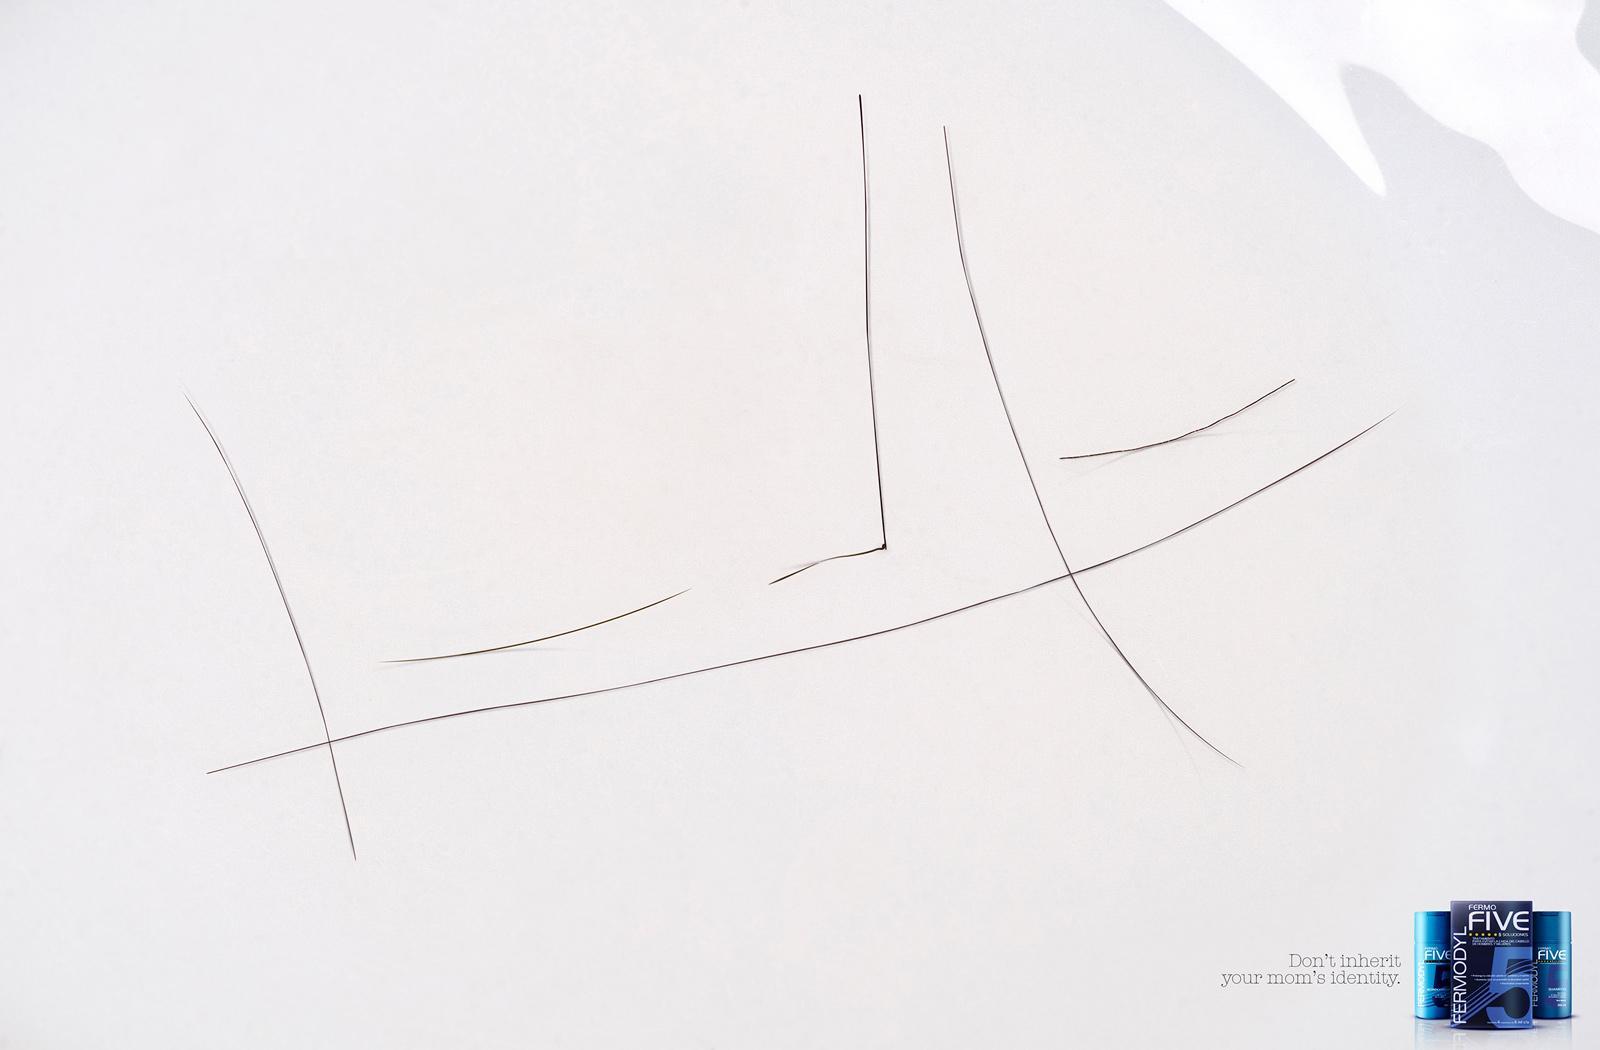 Fermofive Print Ad -  Straight Signature